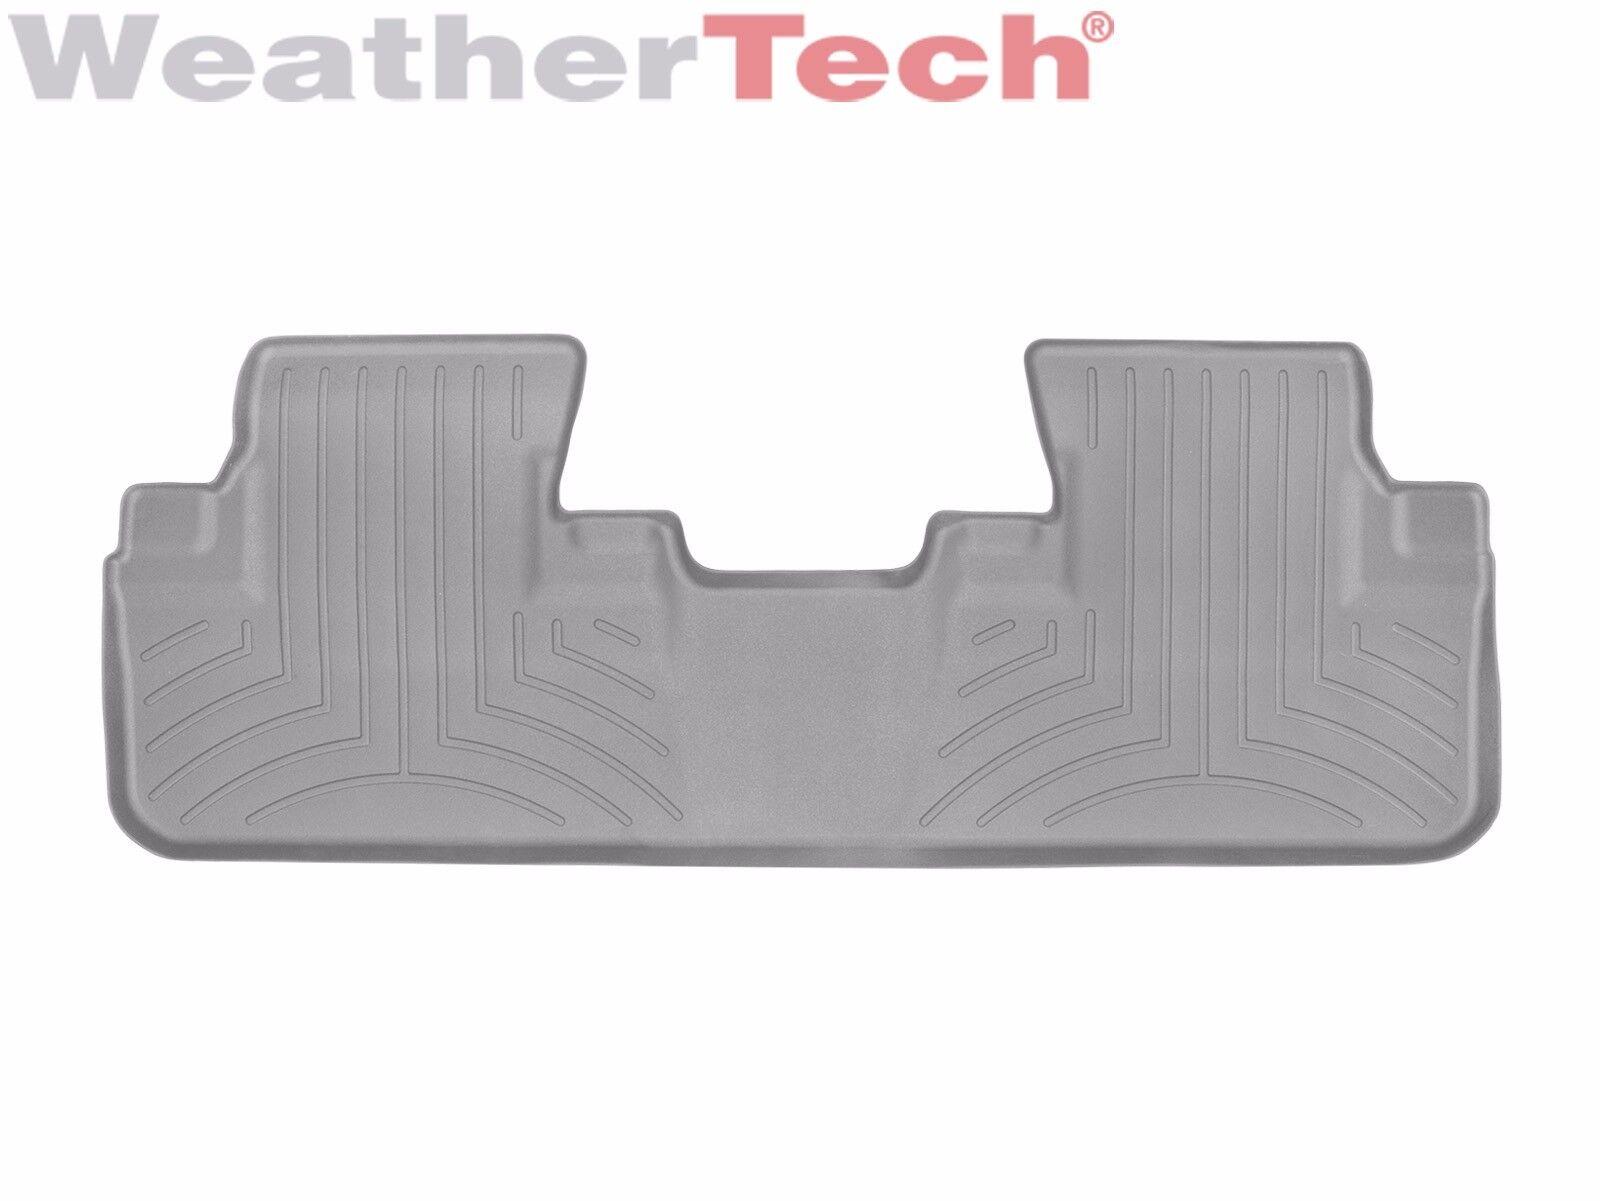 Weathertech Floor Mat Floorliner For Lexus Rx 2016 2018 2nd Row 2005 Rx330 Mats Grey